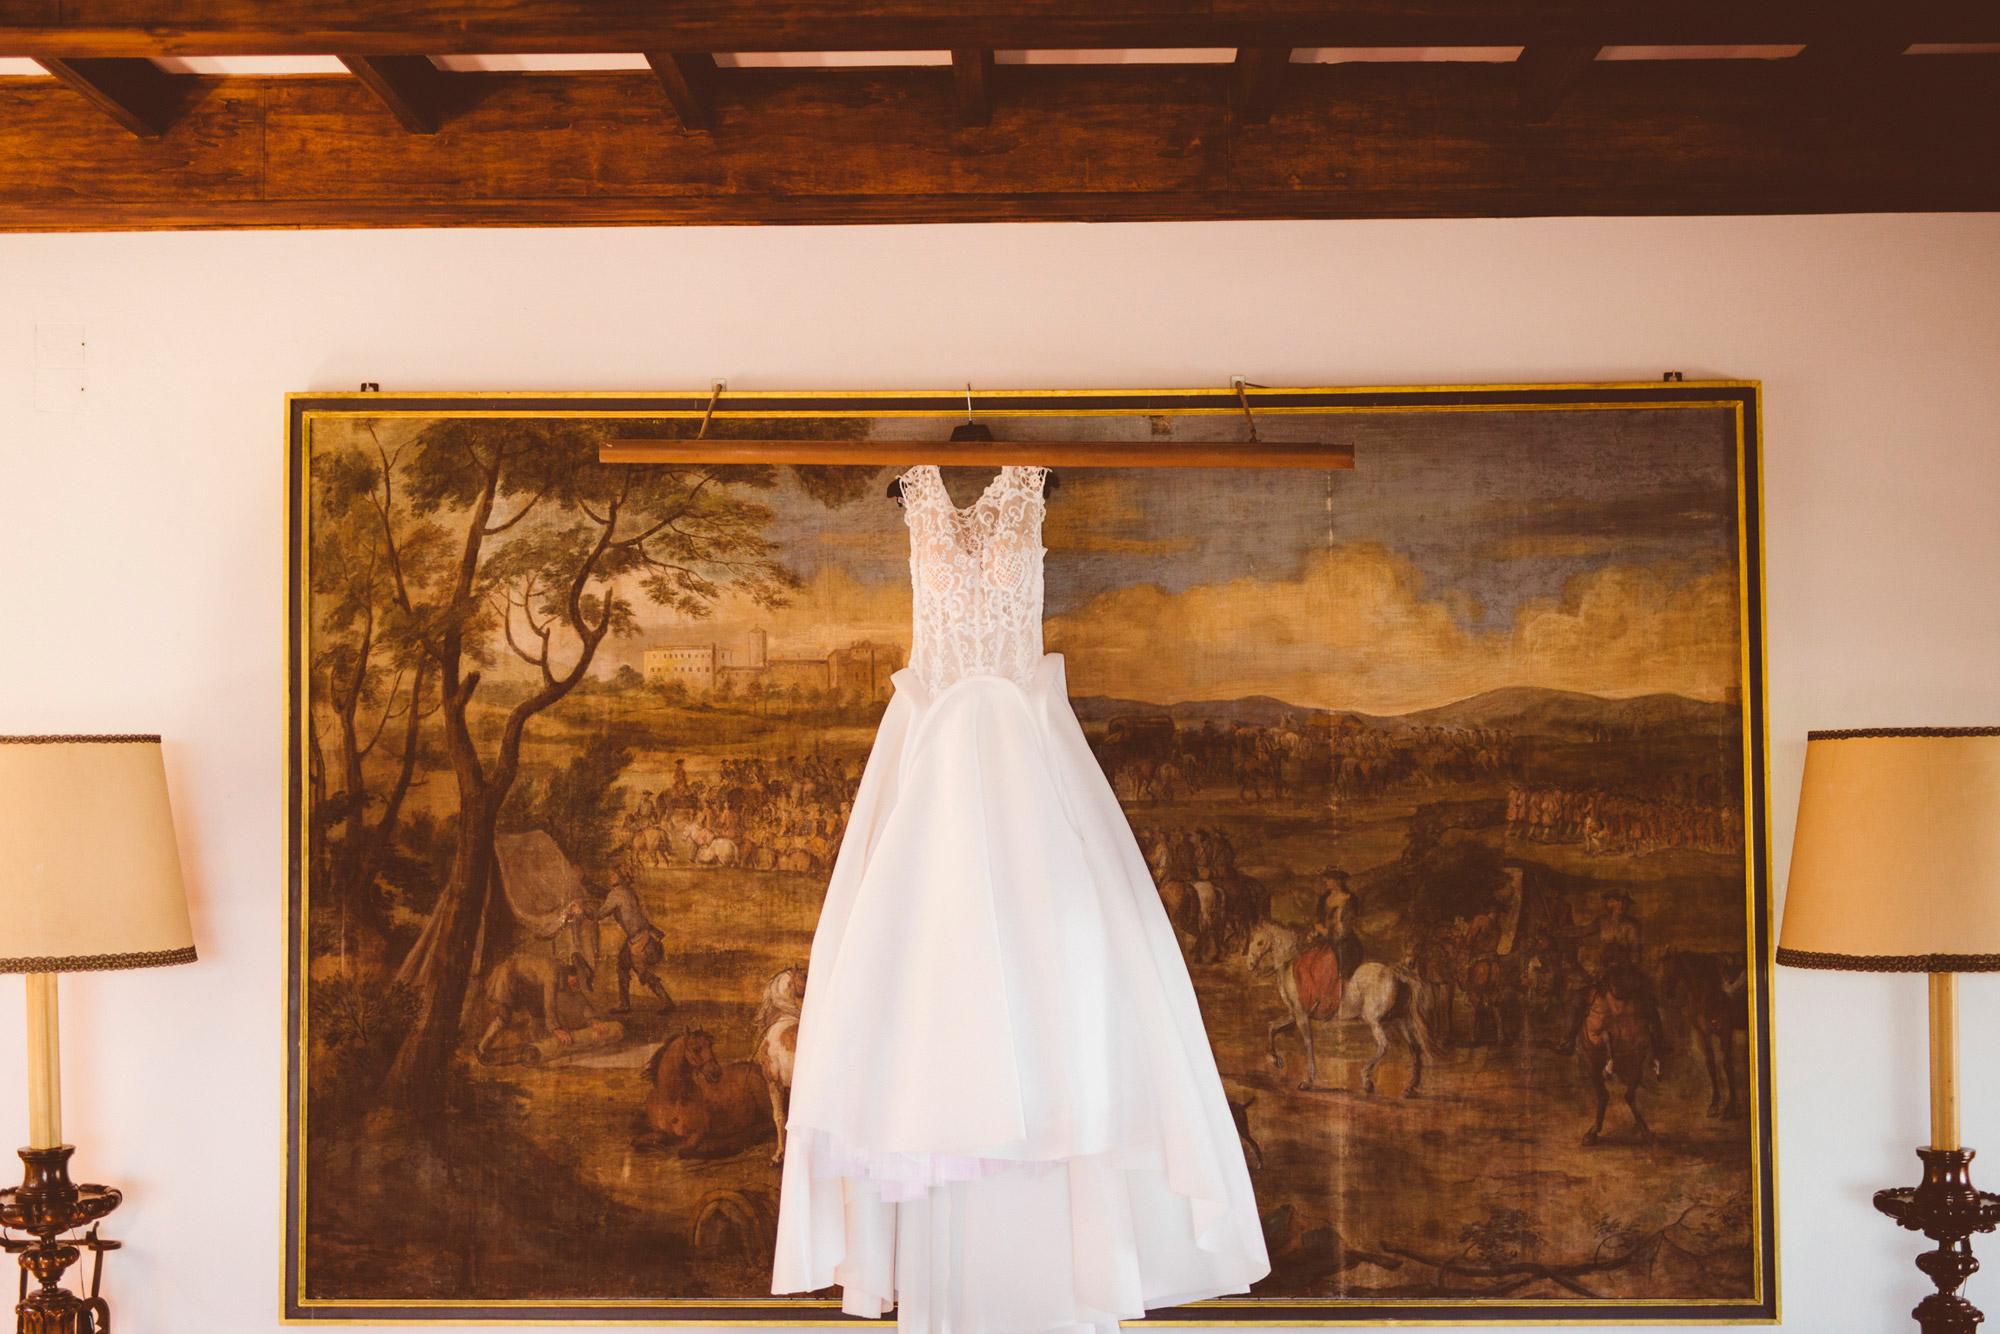 009-santamarinella-wedding-castello-odescalchi.jpg